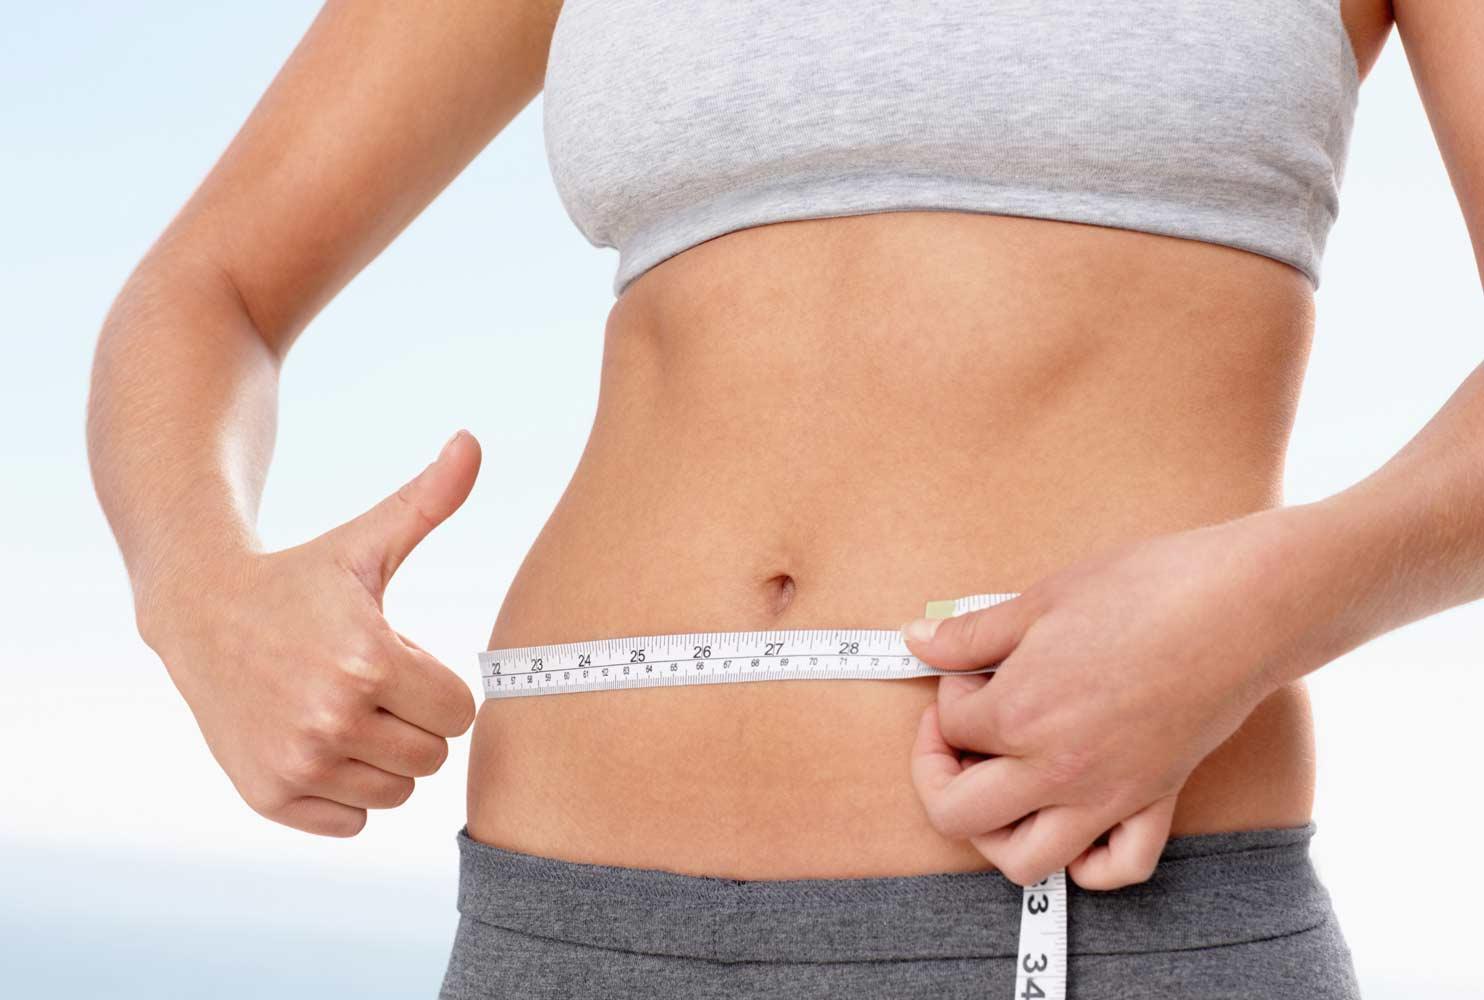 Ejercicios para perder barriga vitadelia 10 ejercicios para perder barriga en casa paso a paso - Ejercicios para adelgazar barriga en casa ...